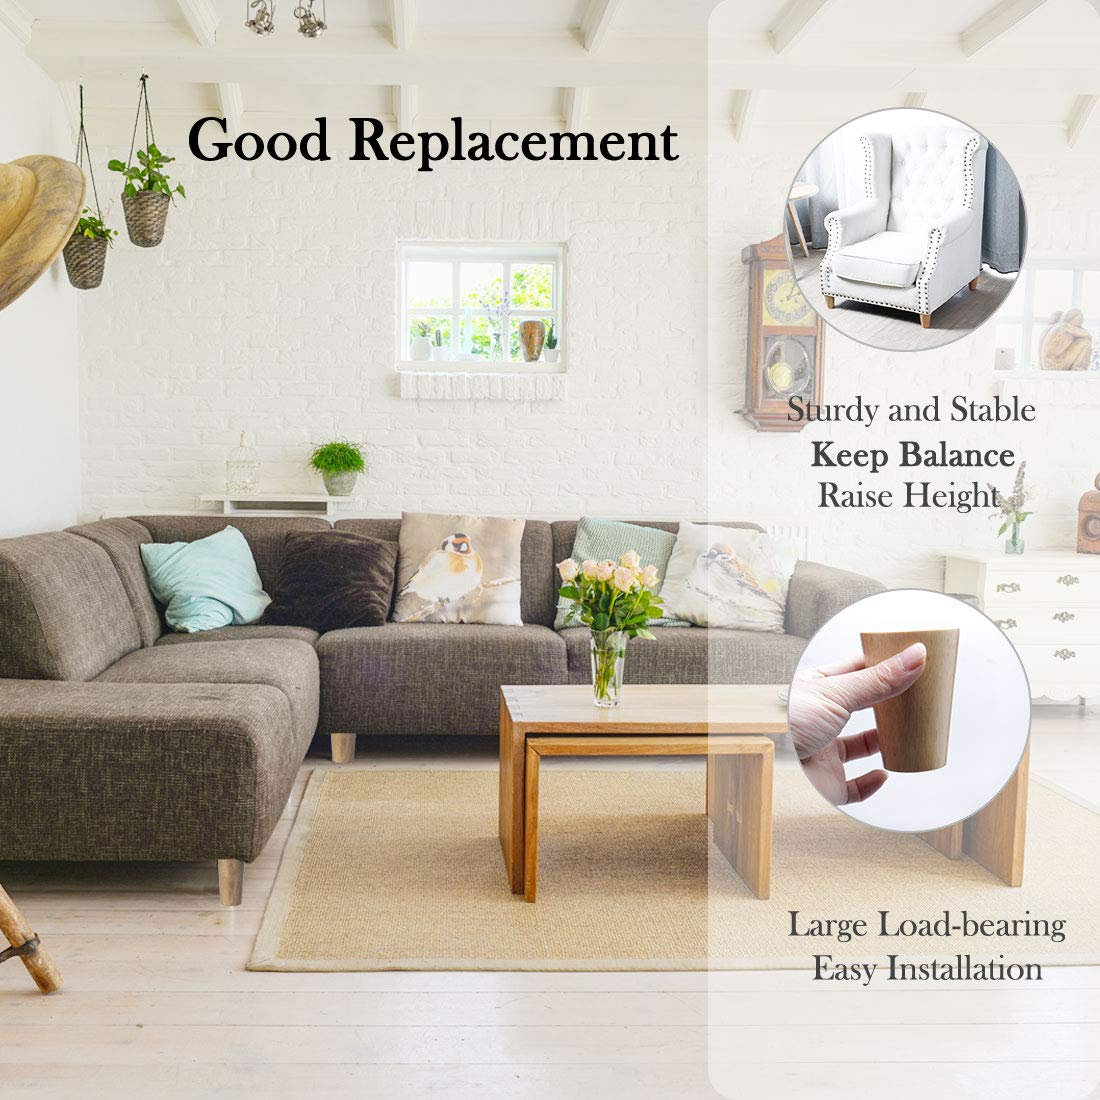 gabinete sourcing map Pie de reemplazo de alacena silla Agregar altura Patas de madera para muebles 6